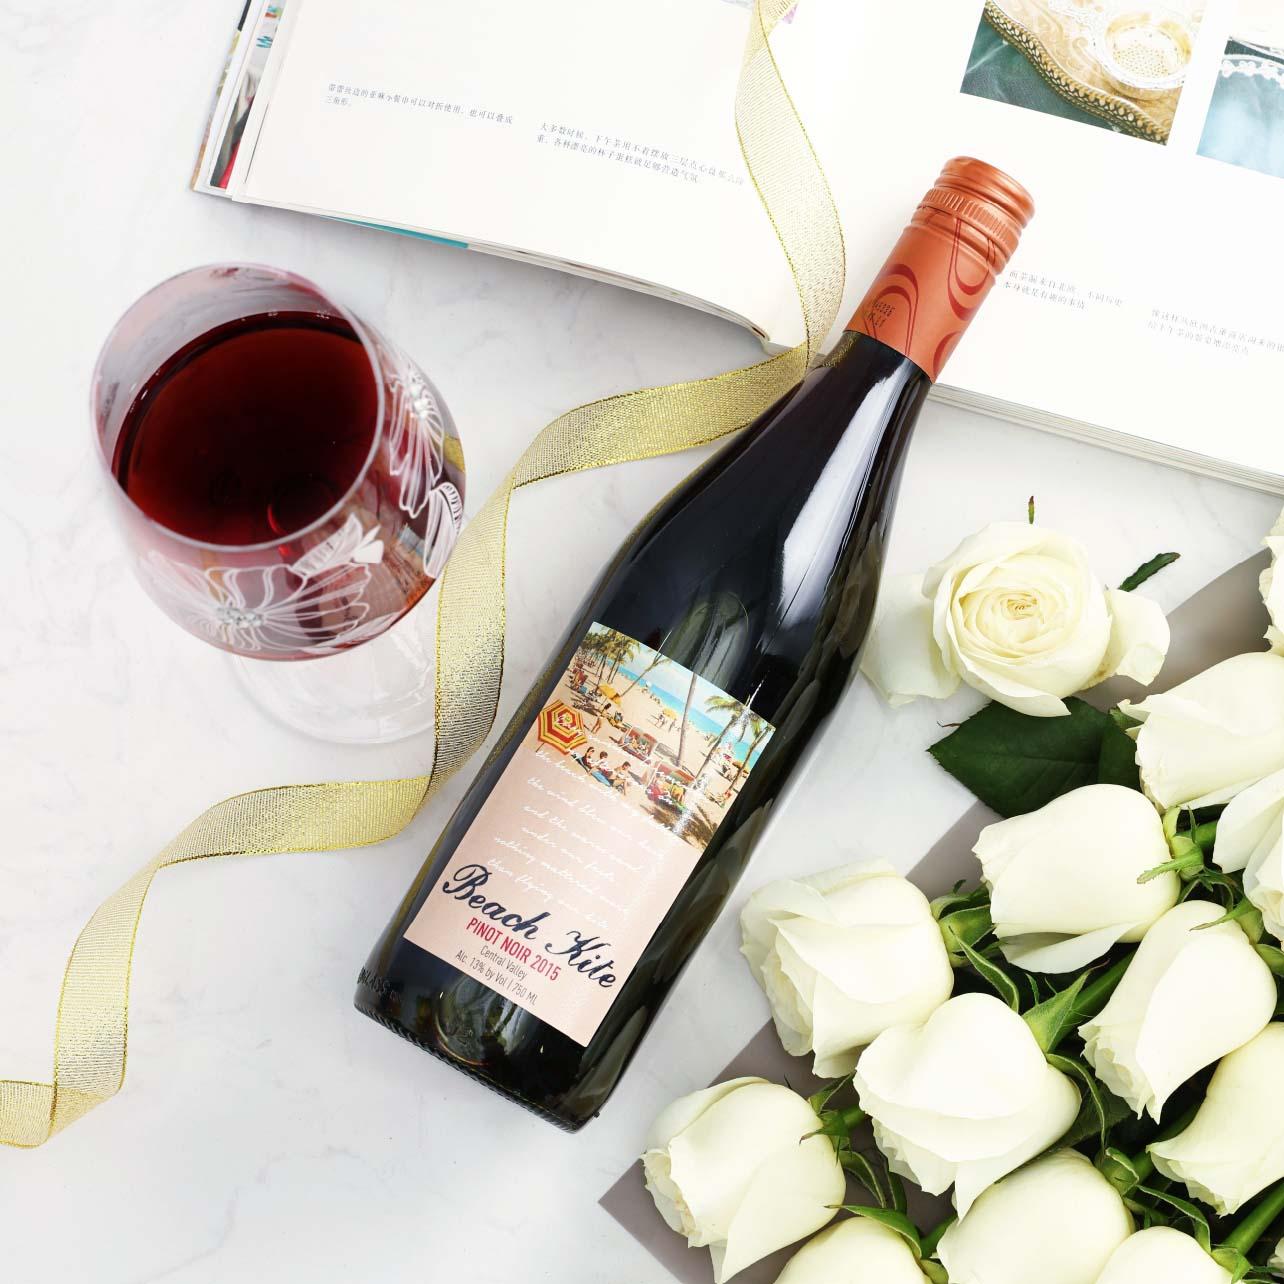 超值 行家必入 黑皮诺红葡萄酒 noir Pinot 智利 黑皮诺 娇贵芳香